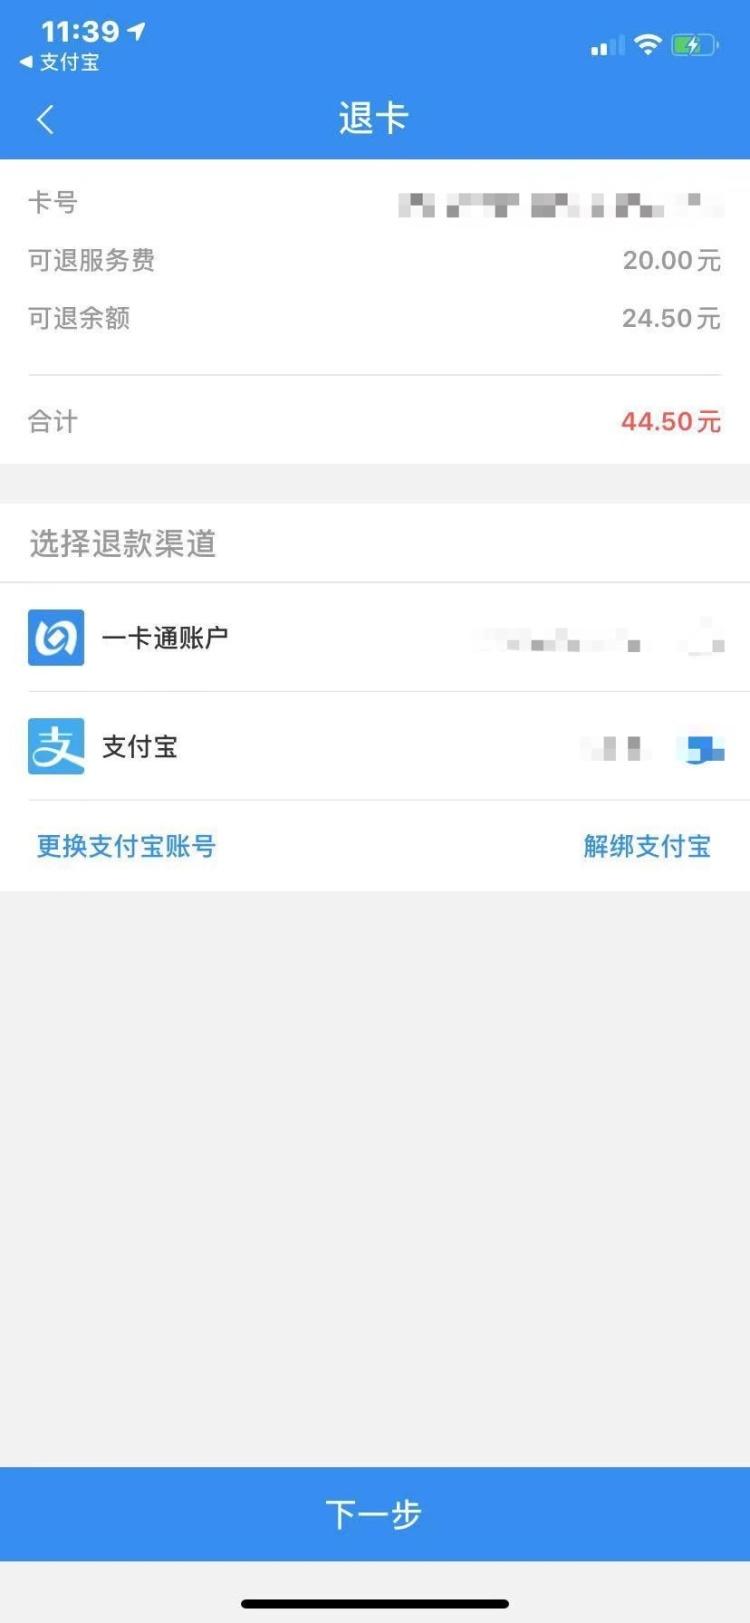 8月2日起北京市政交通一卡通免开卡费,已开通用户可退费